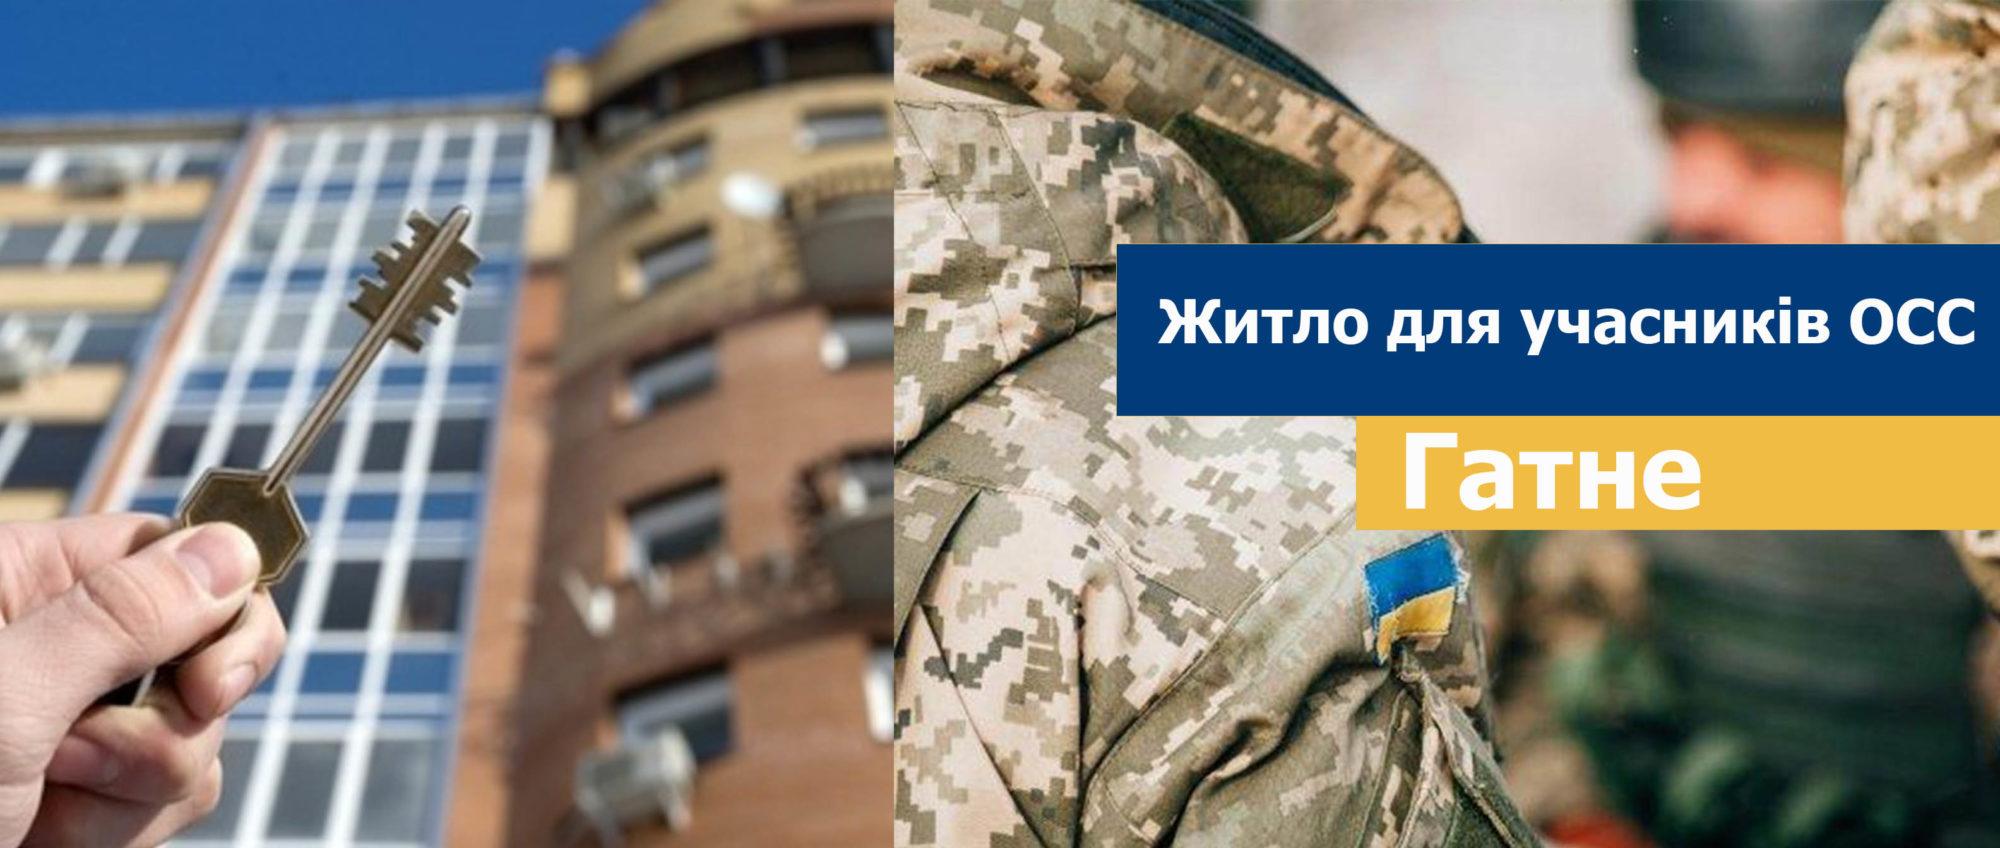 У Гатному побудують житло для учасників ОСС -  - flat 2000x848